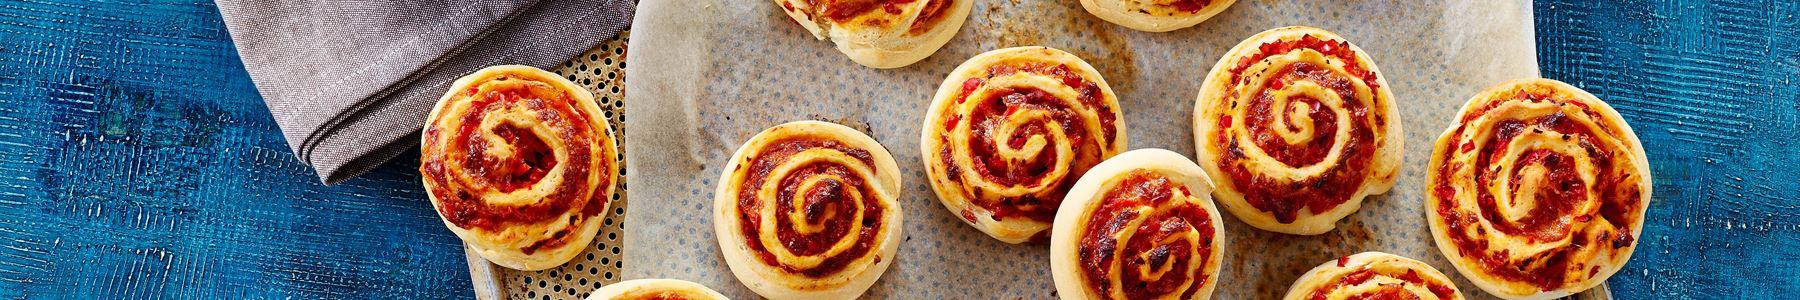 Brød og boller + Pizzaer